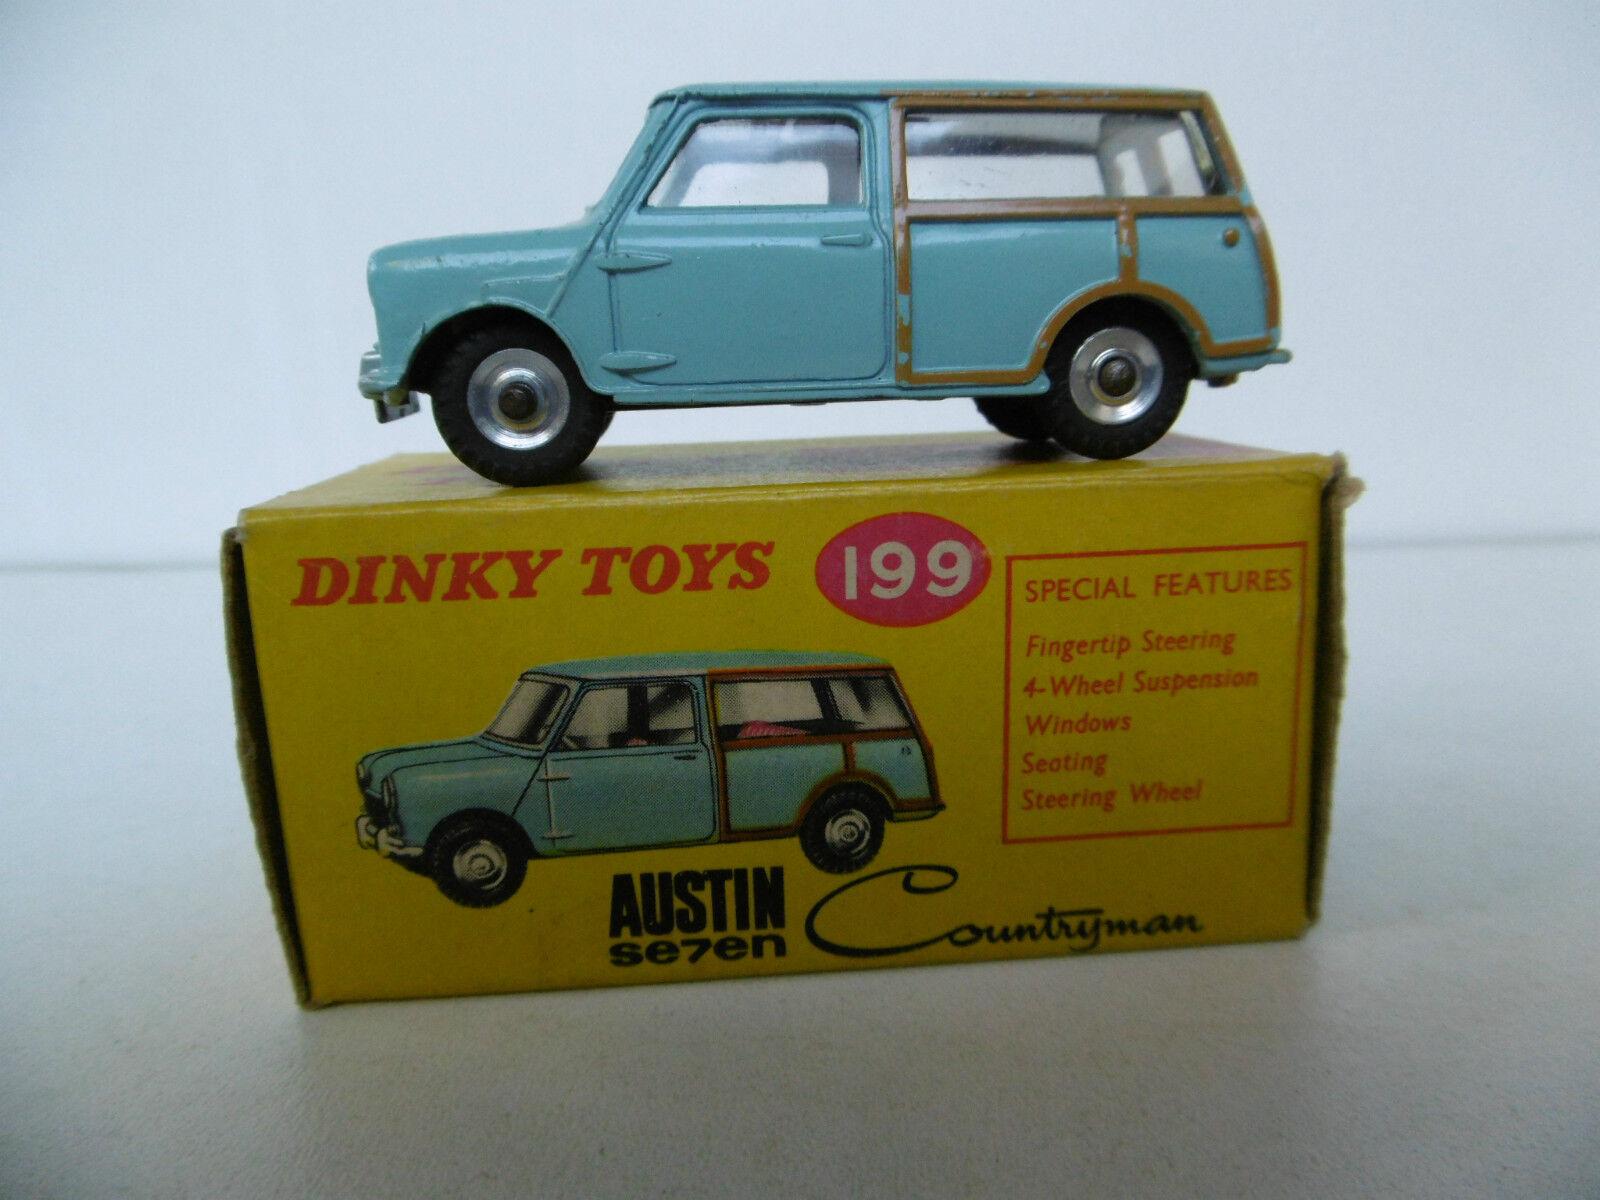 DINKY TOYS ENGLAND  AUSTIN SEVEN REF.199  BON  ÉTAT  BOITE D'ORIGINE 1961  contre authentique